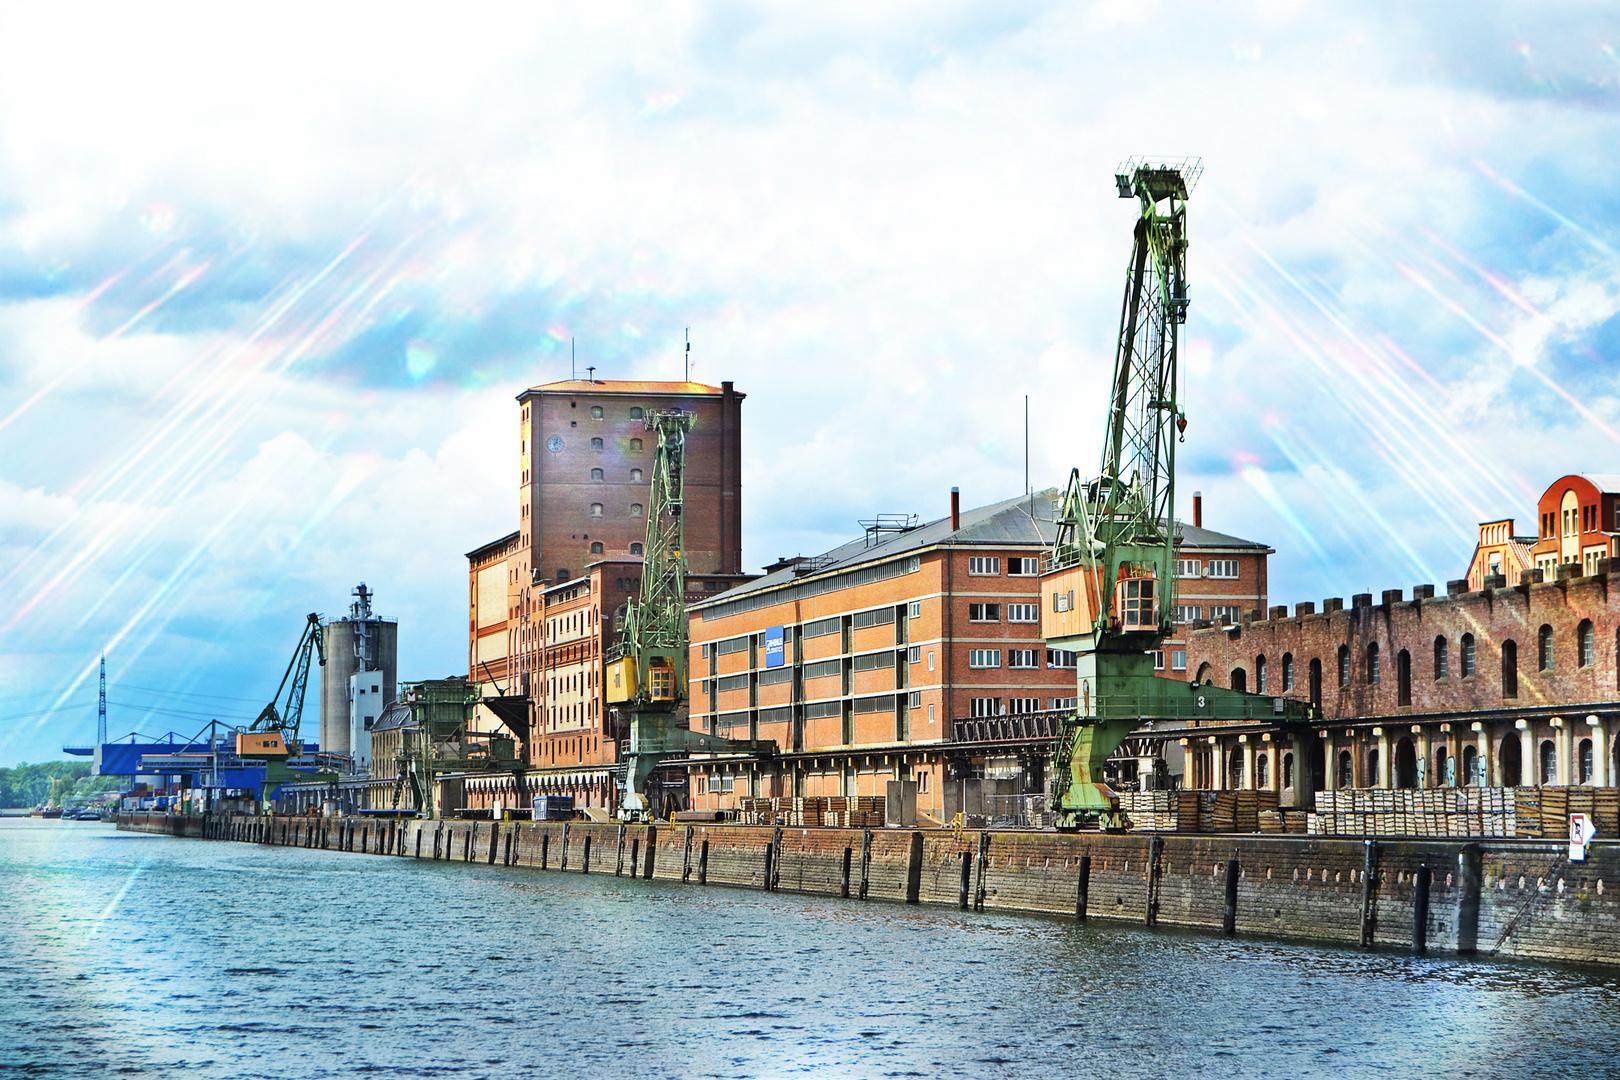 Rheinhafen Karlsruhe Foto & Bild | architektur, motive